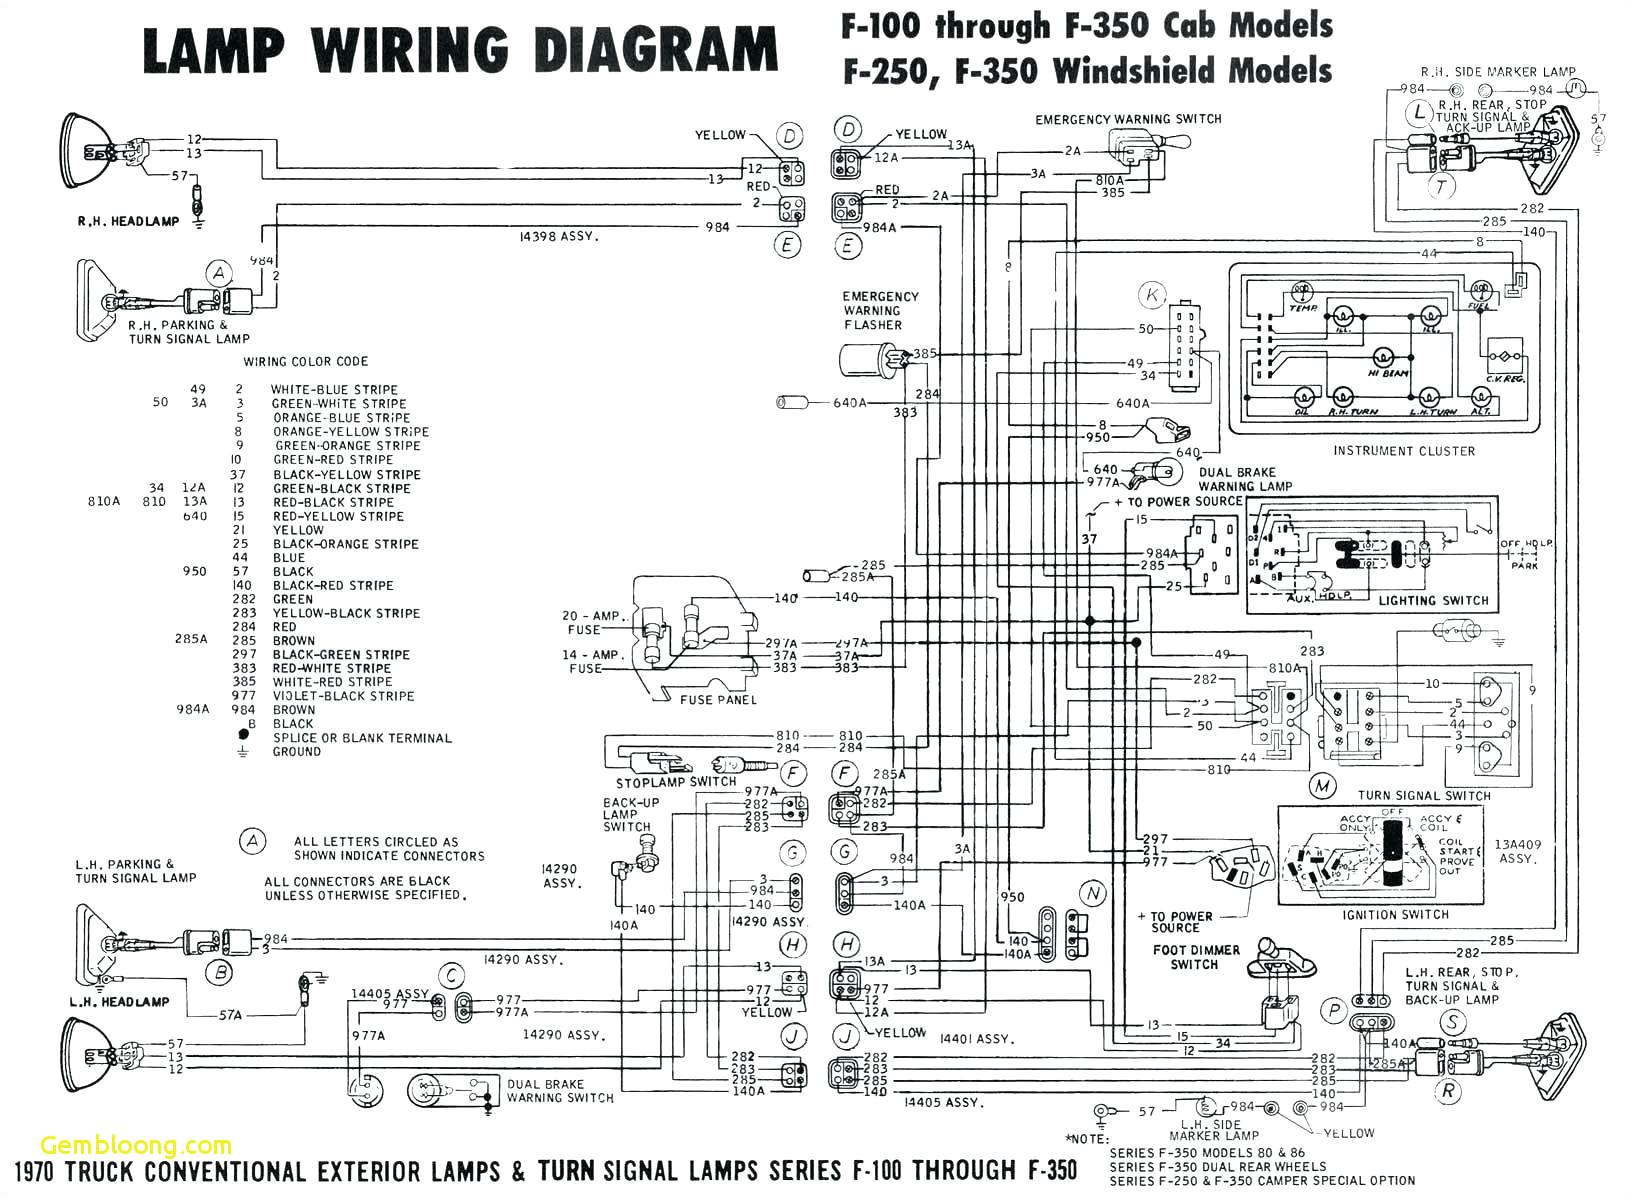 Wiring Diagrams Free Download Ax7221 - Wiring Diagram For 71 2002 Bmw for Wiring  Diagram SchematicsWiring Diagram Schematics